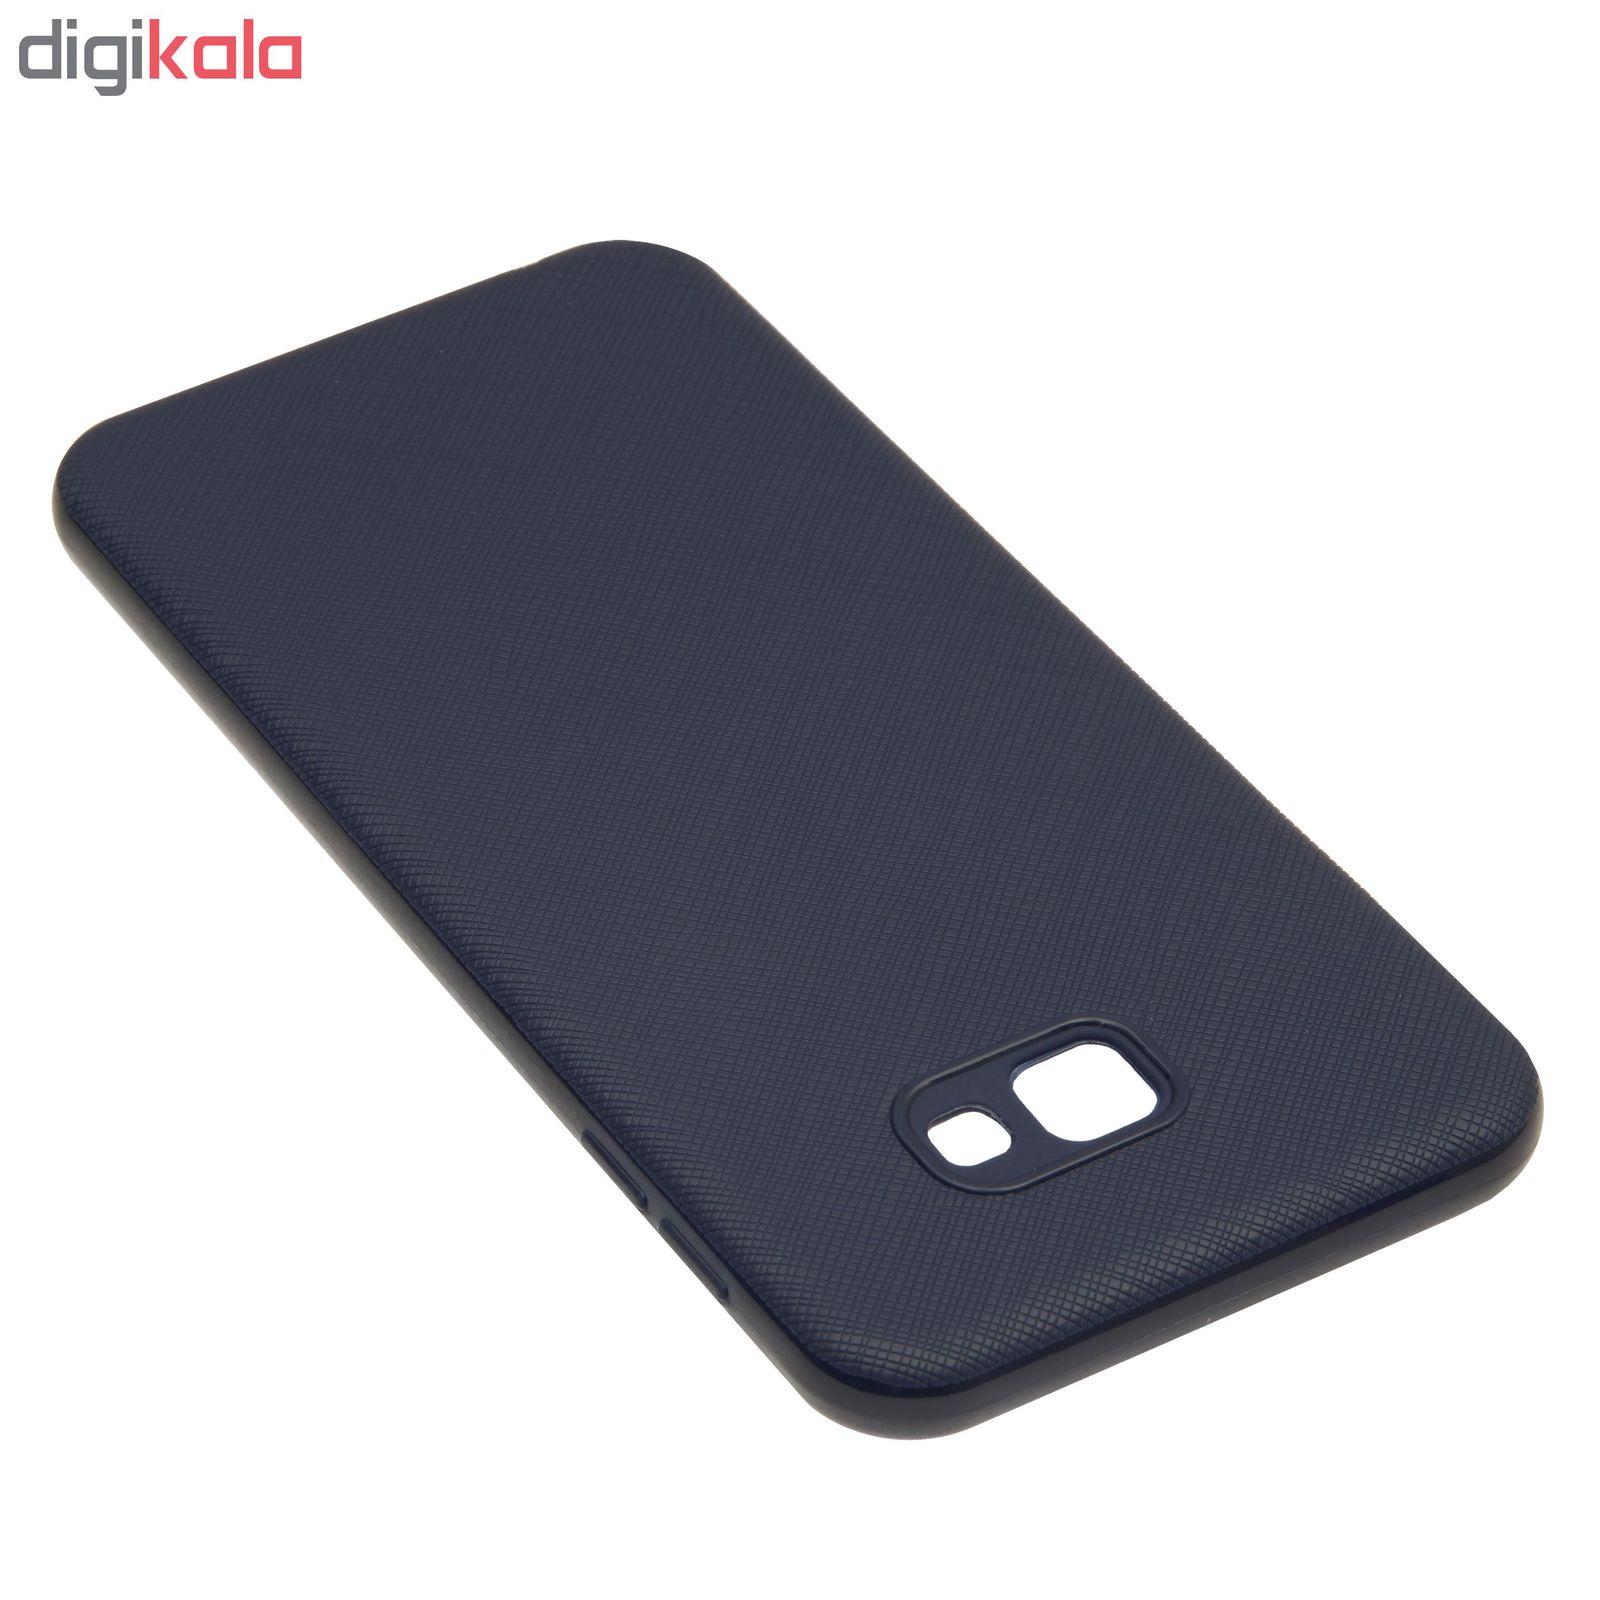 کاور سومگ مدل SC-i001 مناسب برای گوشی موبایل سامسونگ J4 Plus main 1 4